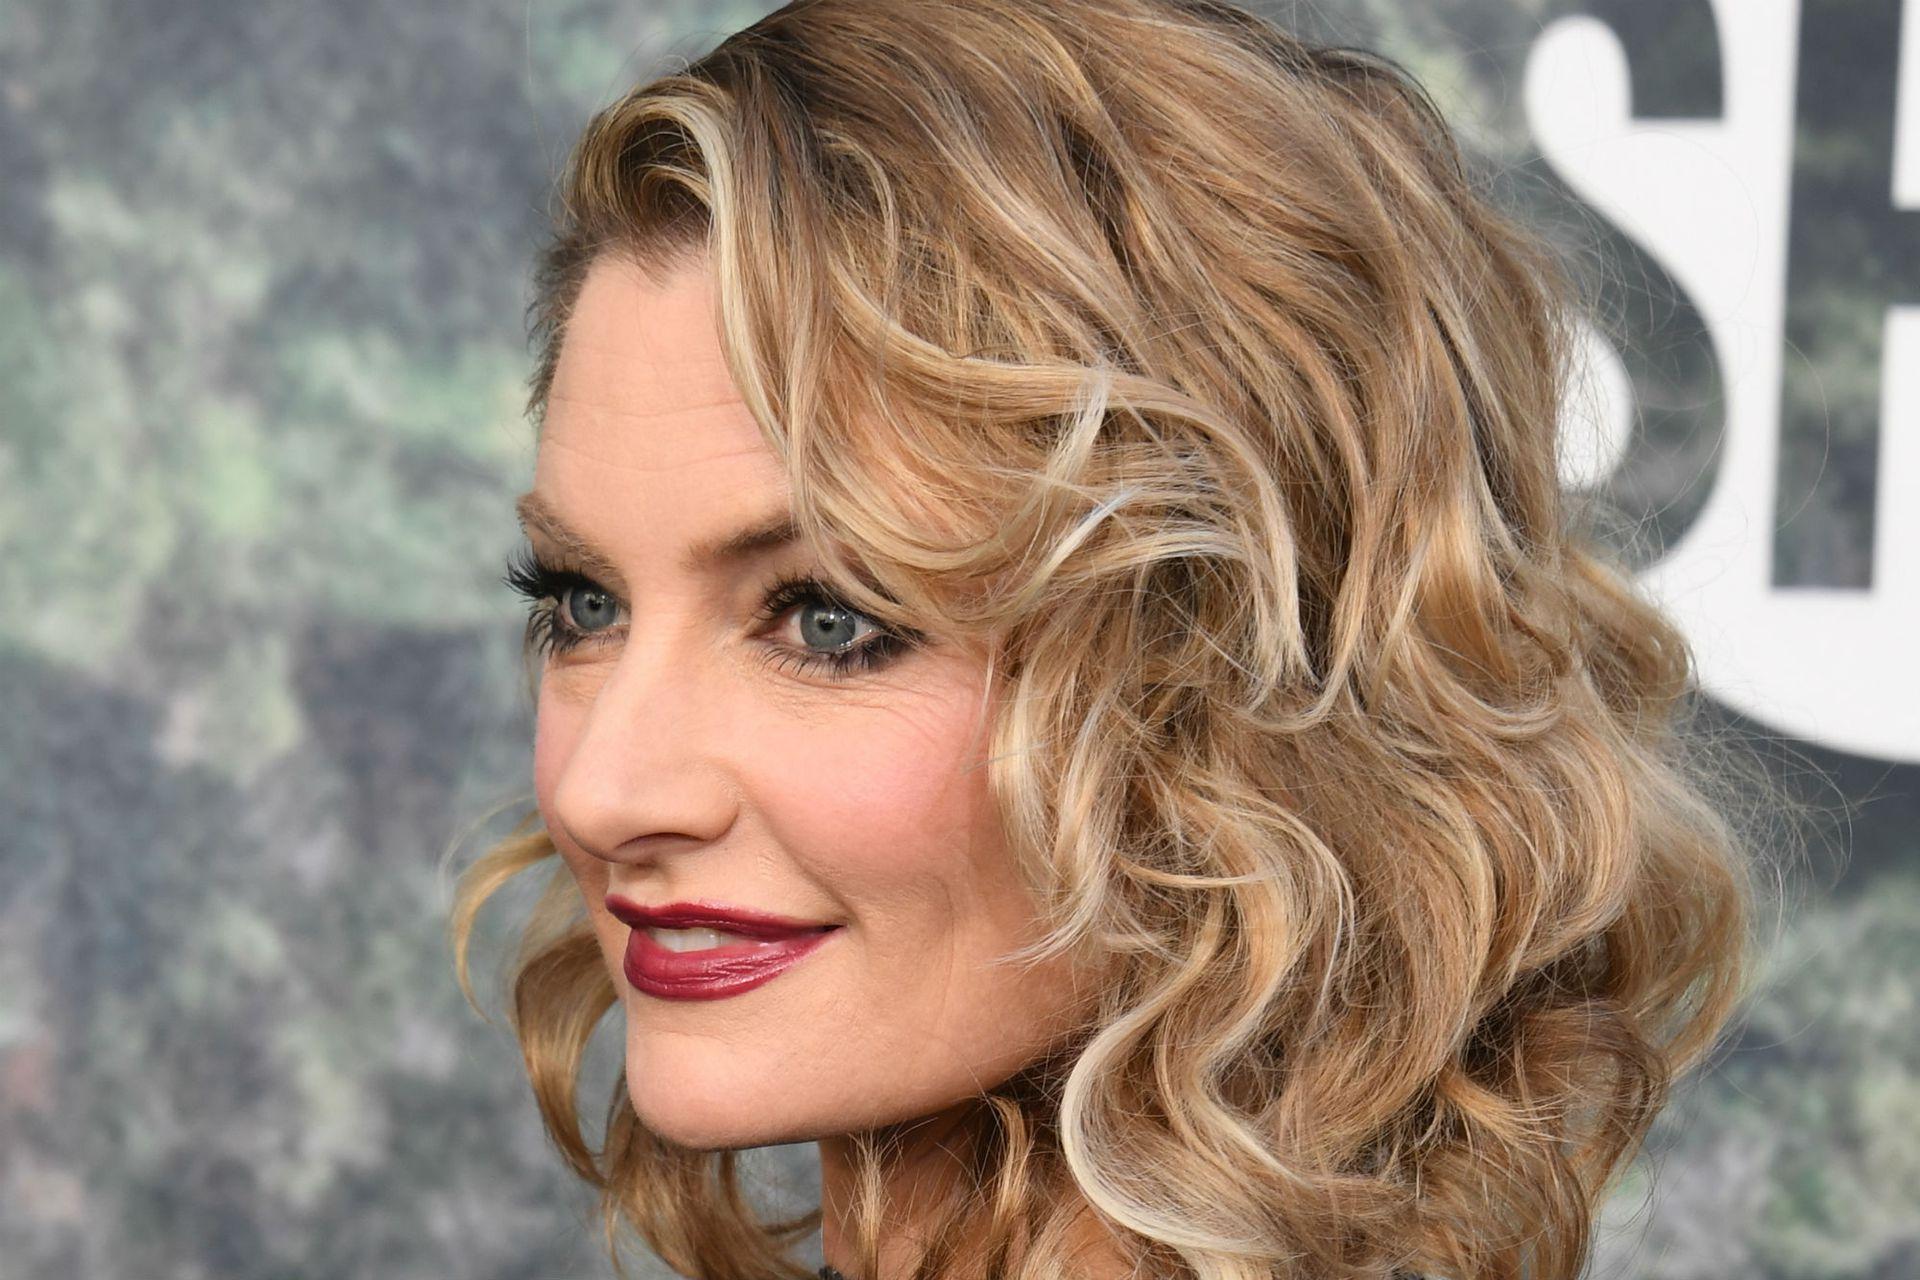 Mädchen Amick marcó a una generación con su papel de Shelly Johnson en Twin Peaks y ahora es una de las grandes figuras de Riverdale